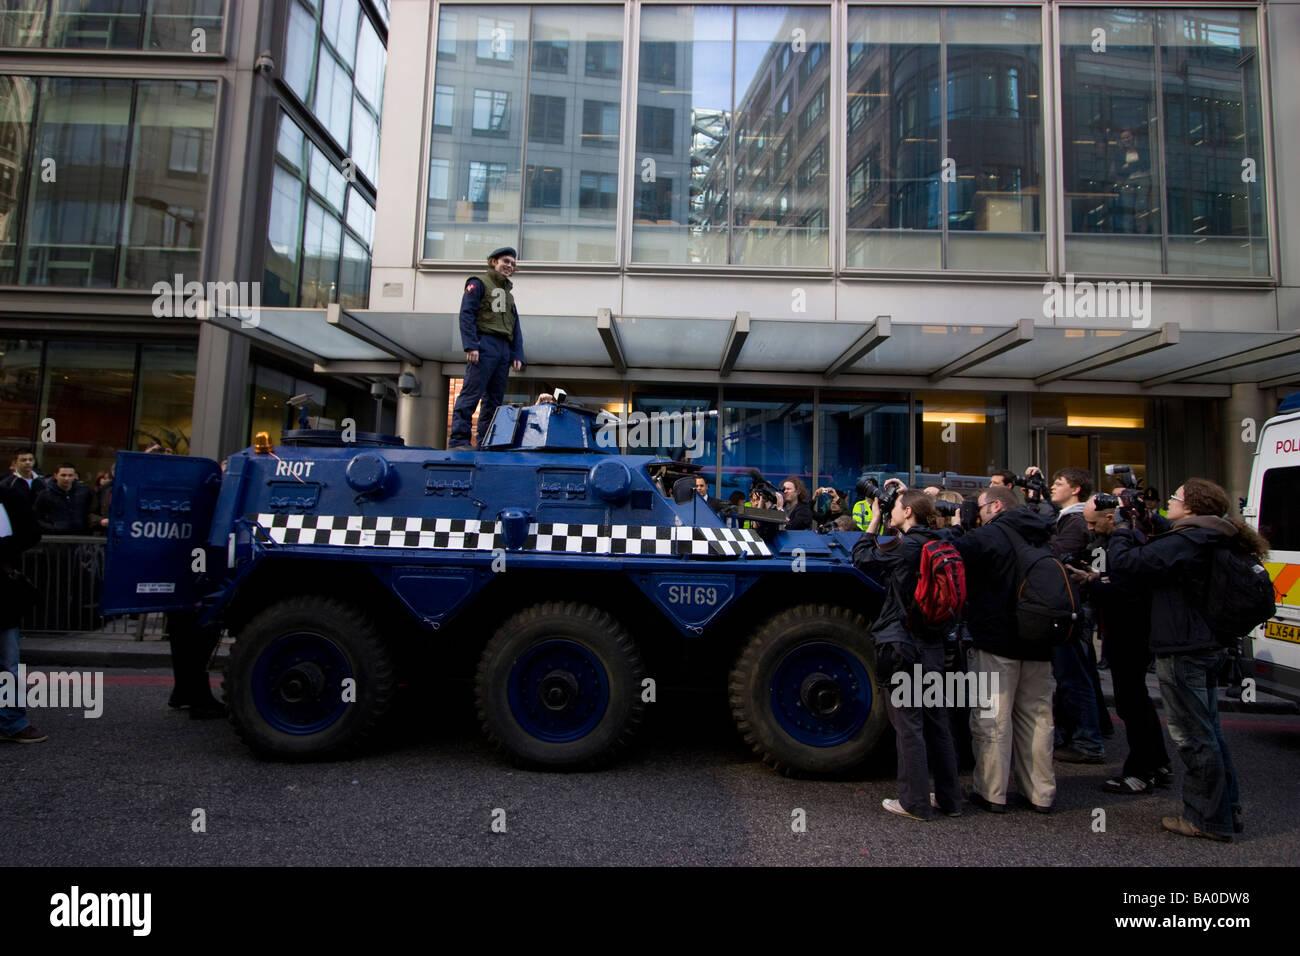 G20 di Londra di dimostrazione, spazio dirottatori gruppo anarchico in finto squadra antisommossa van fuori rbs Immagini Stock